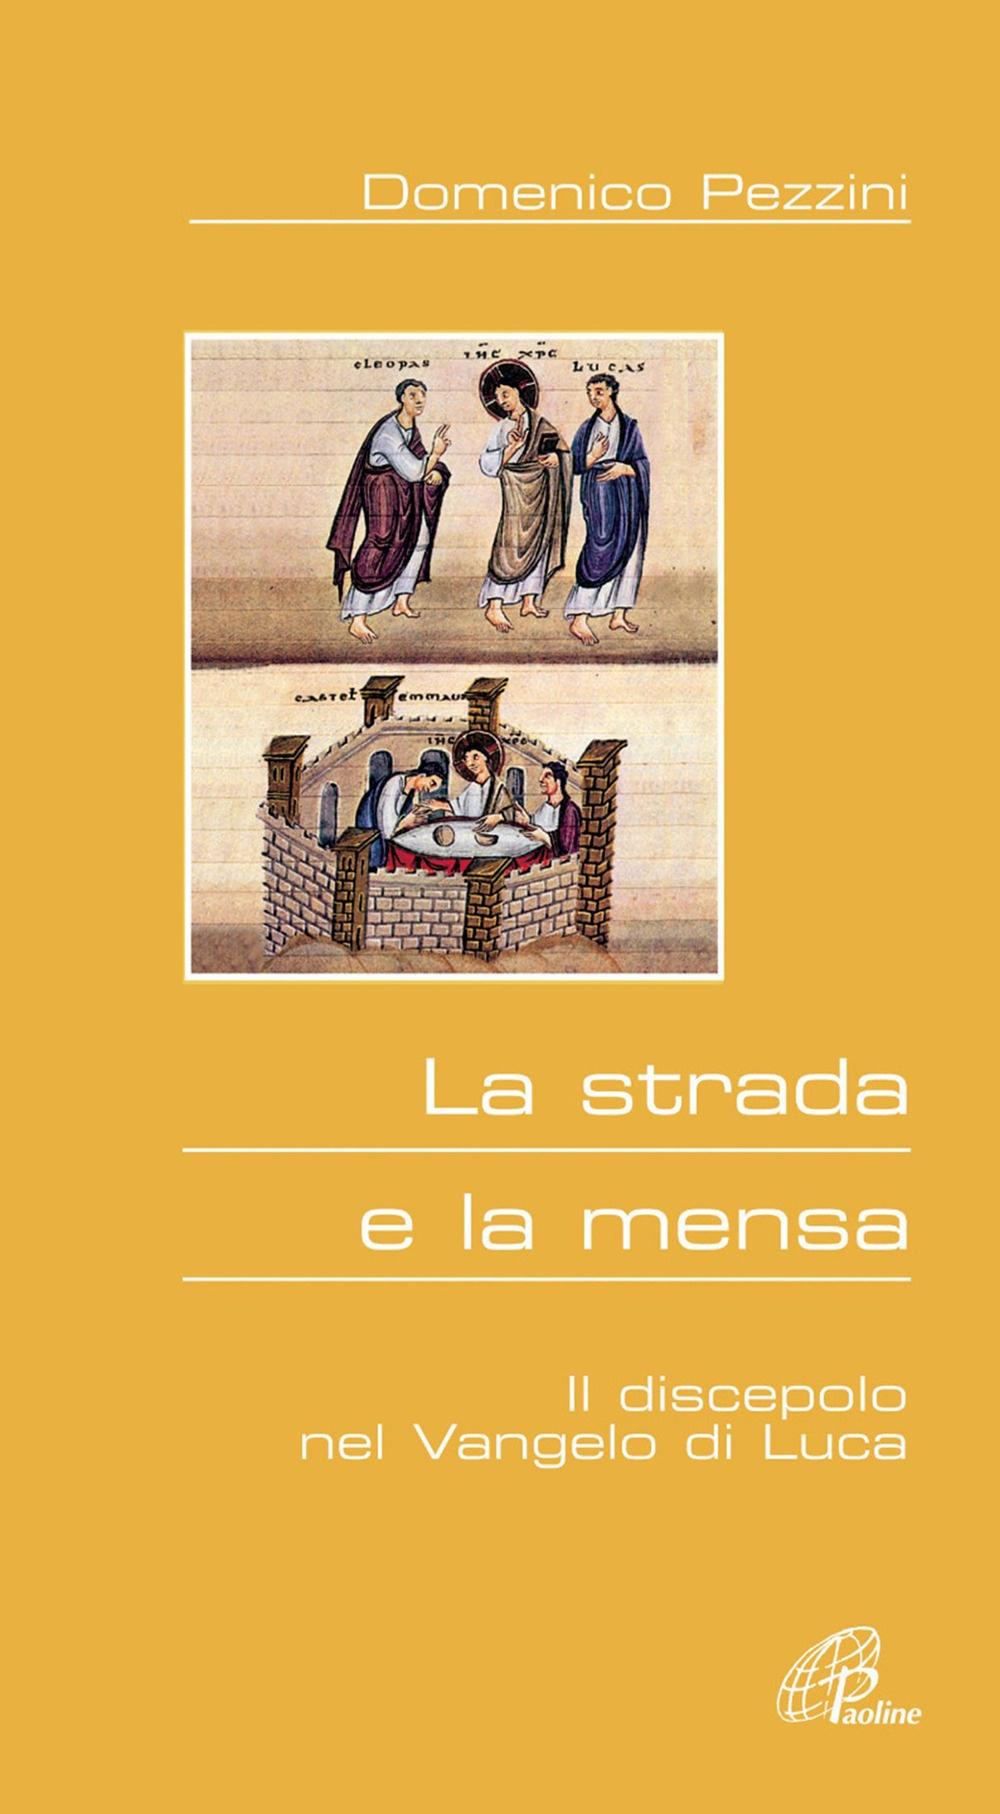 La strada e la mensa. Il discepolo nel Vangelo di Luca